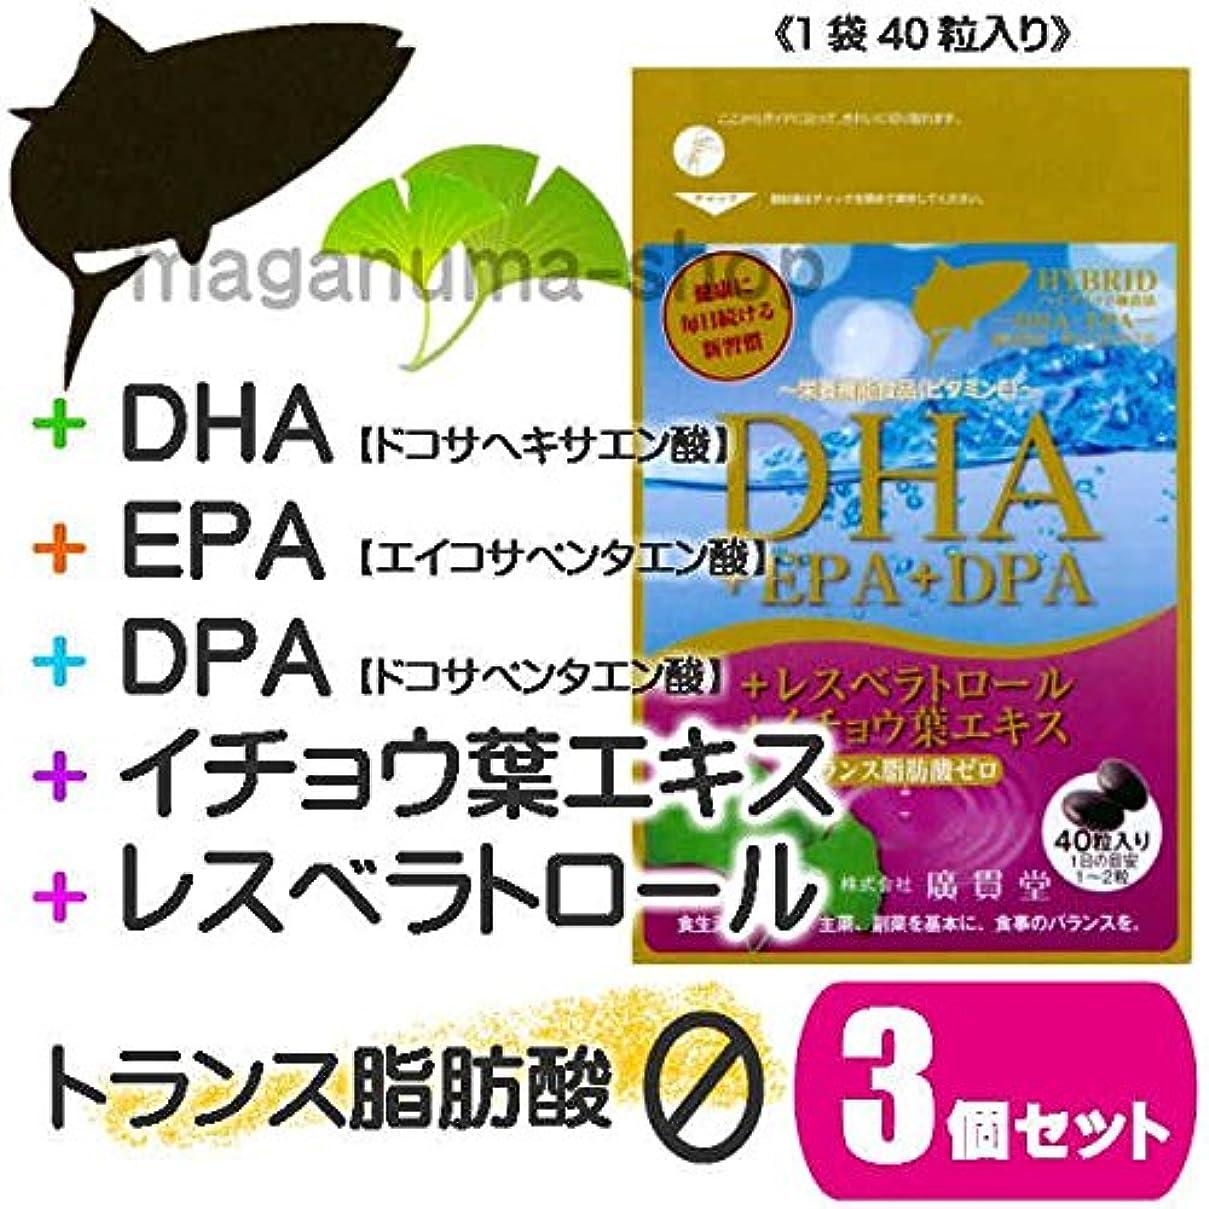 泥沼にバーマドDHA+EPA+DPA+レスベラトロール+イチョウ葉エキス 3個セット